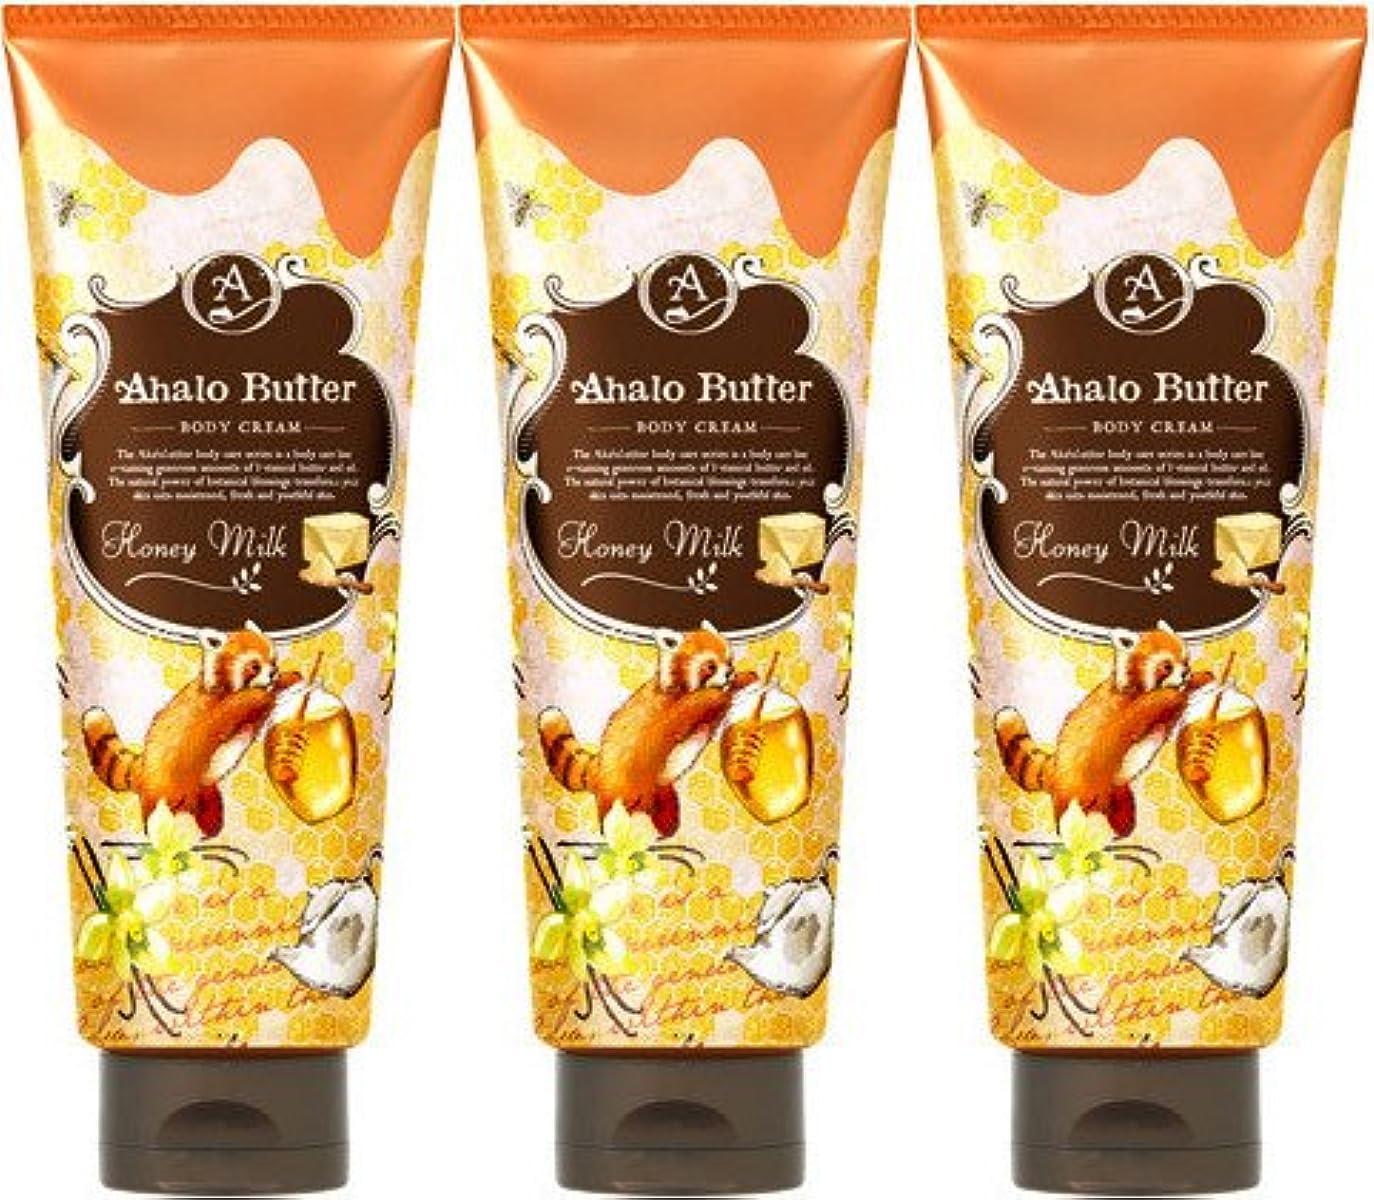 高架拡張叱る【3個セット】Ahalo butter(アハロバター) ボディクリーム ハニーミルク 150g